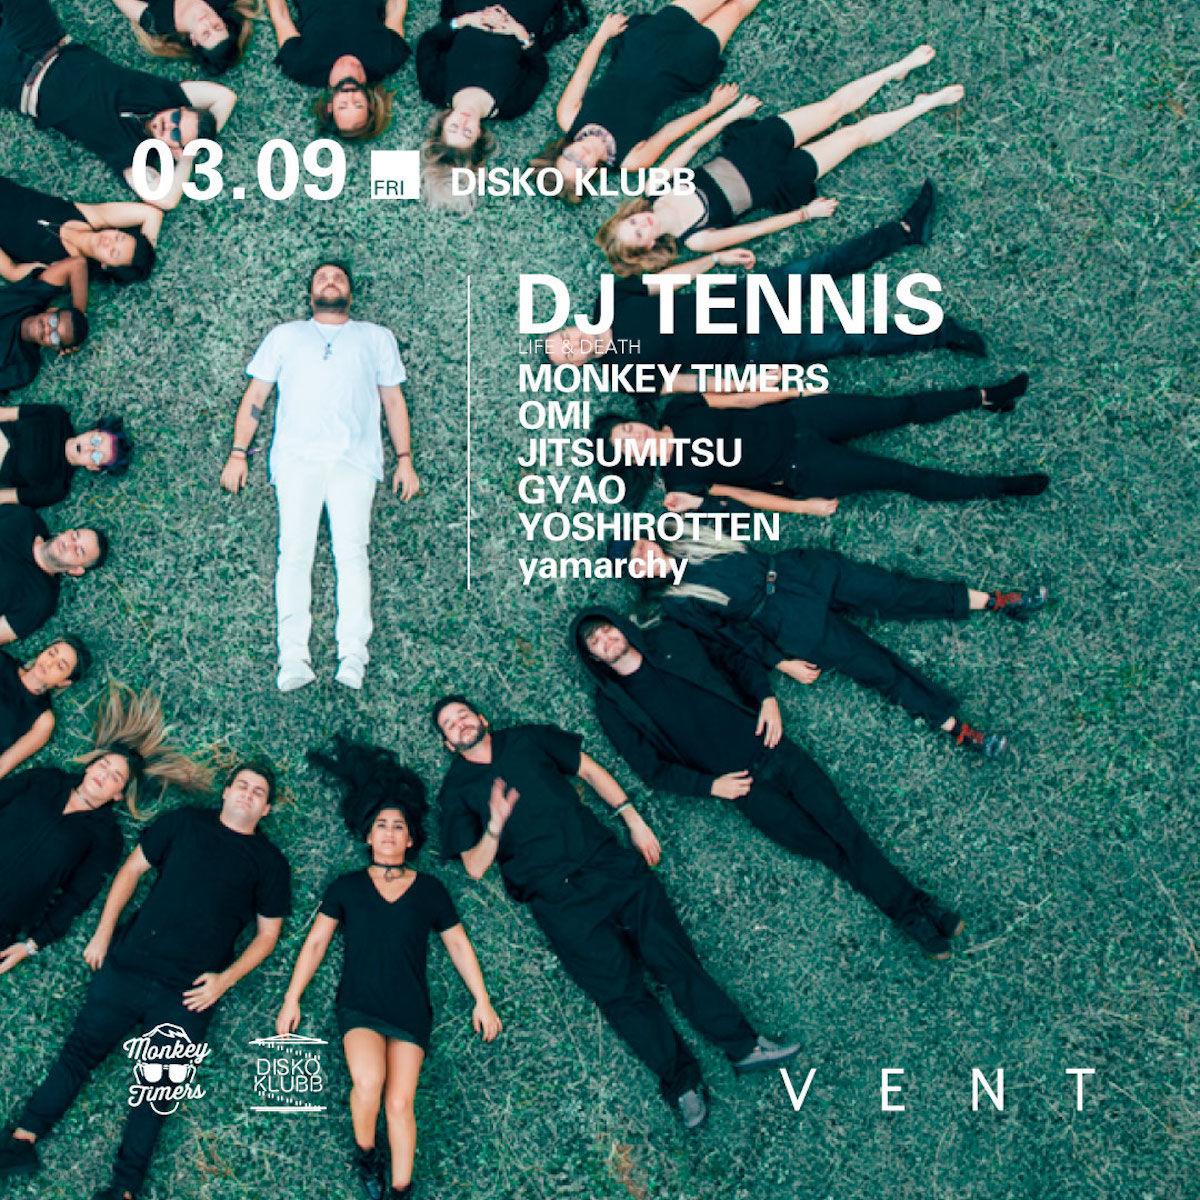 超TOPレーベル〈Life and Death〉のボスであり、シェフでもある異端児DJ TennisがVENTに登場! music180309-vent-3-1200x1200